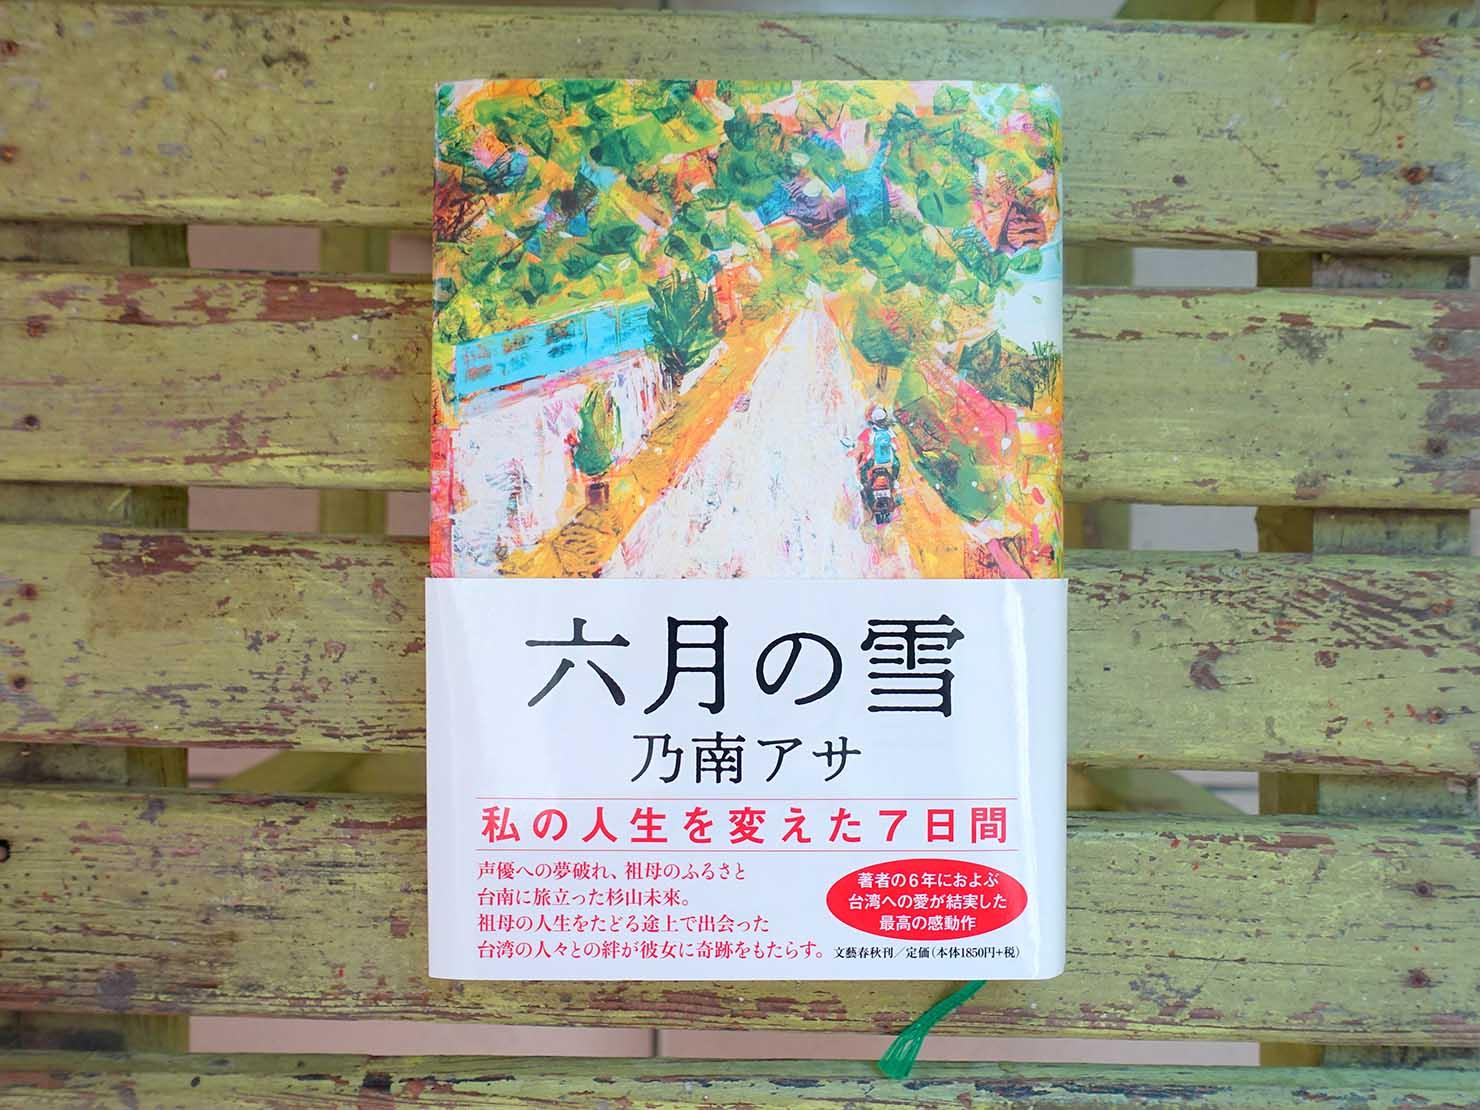 台湾が舞台のおすすめ小説『六月の雪』